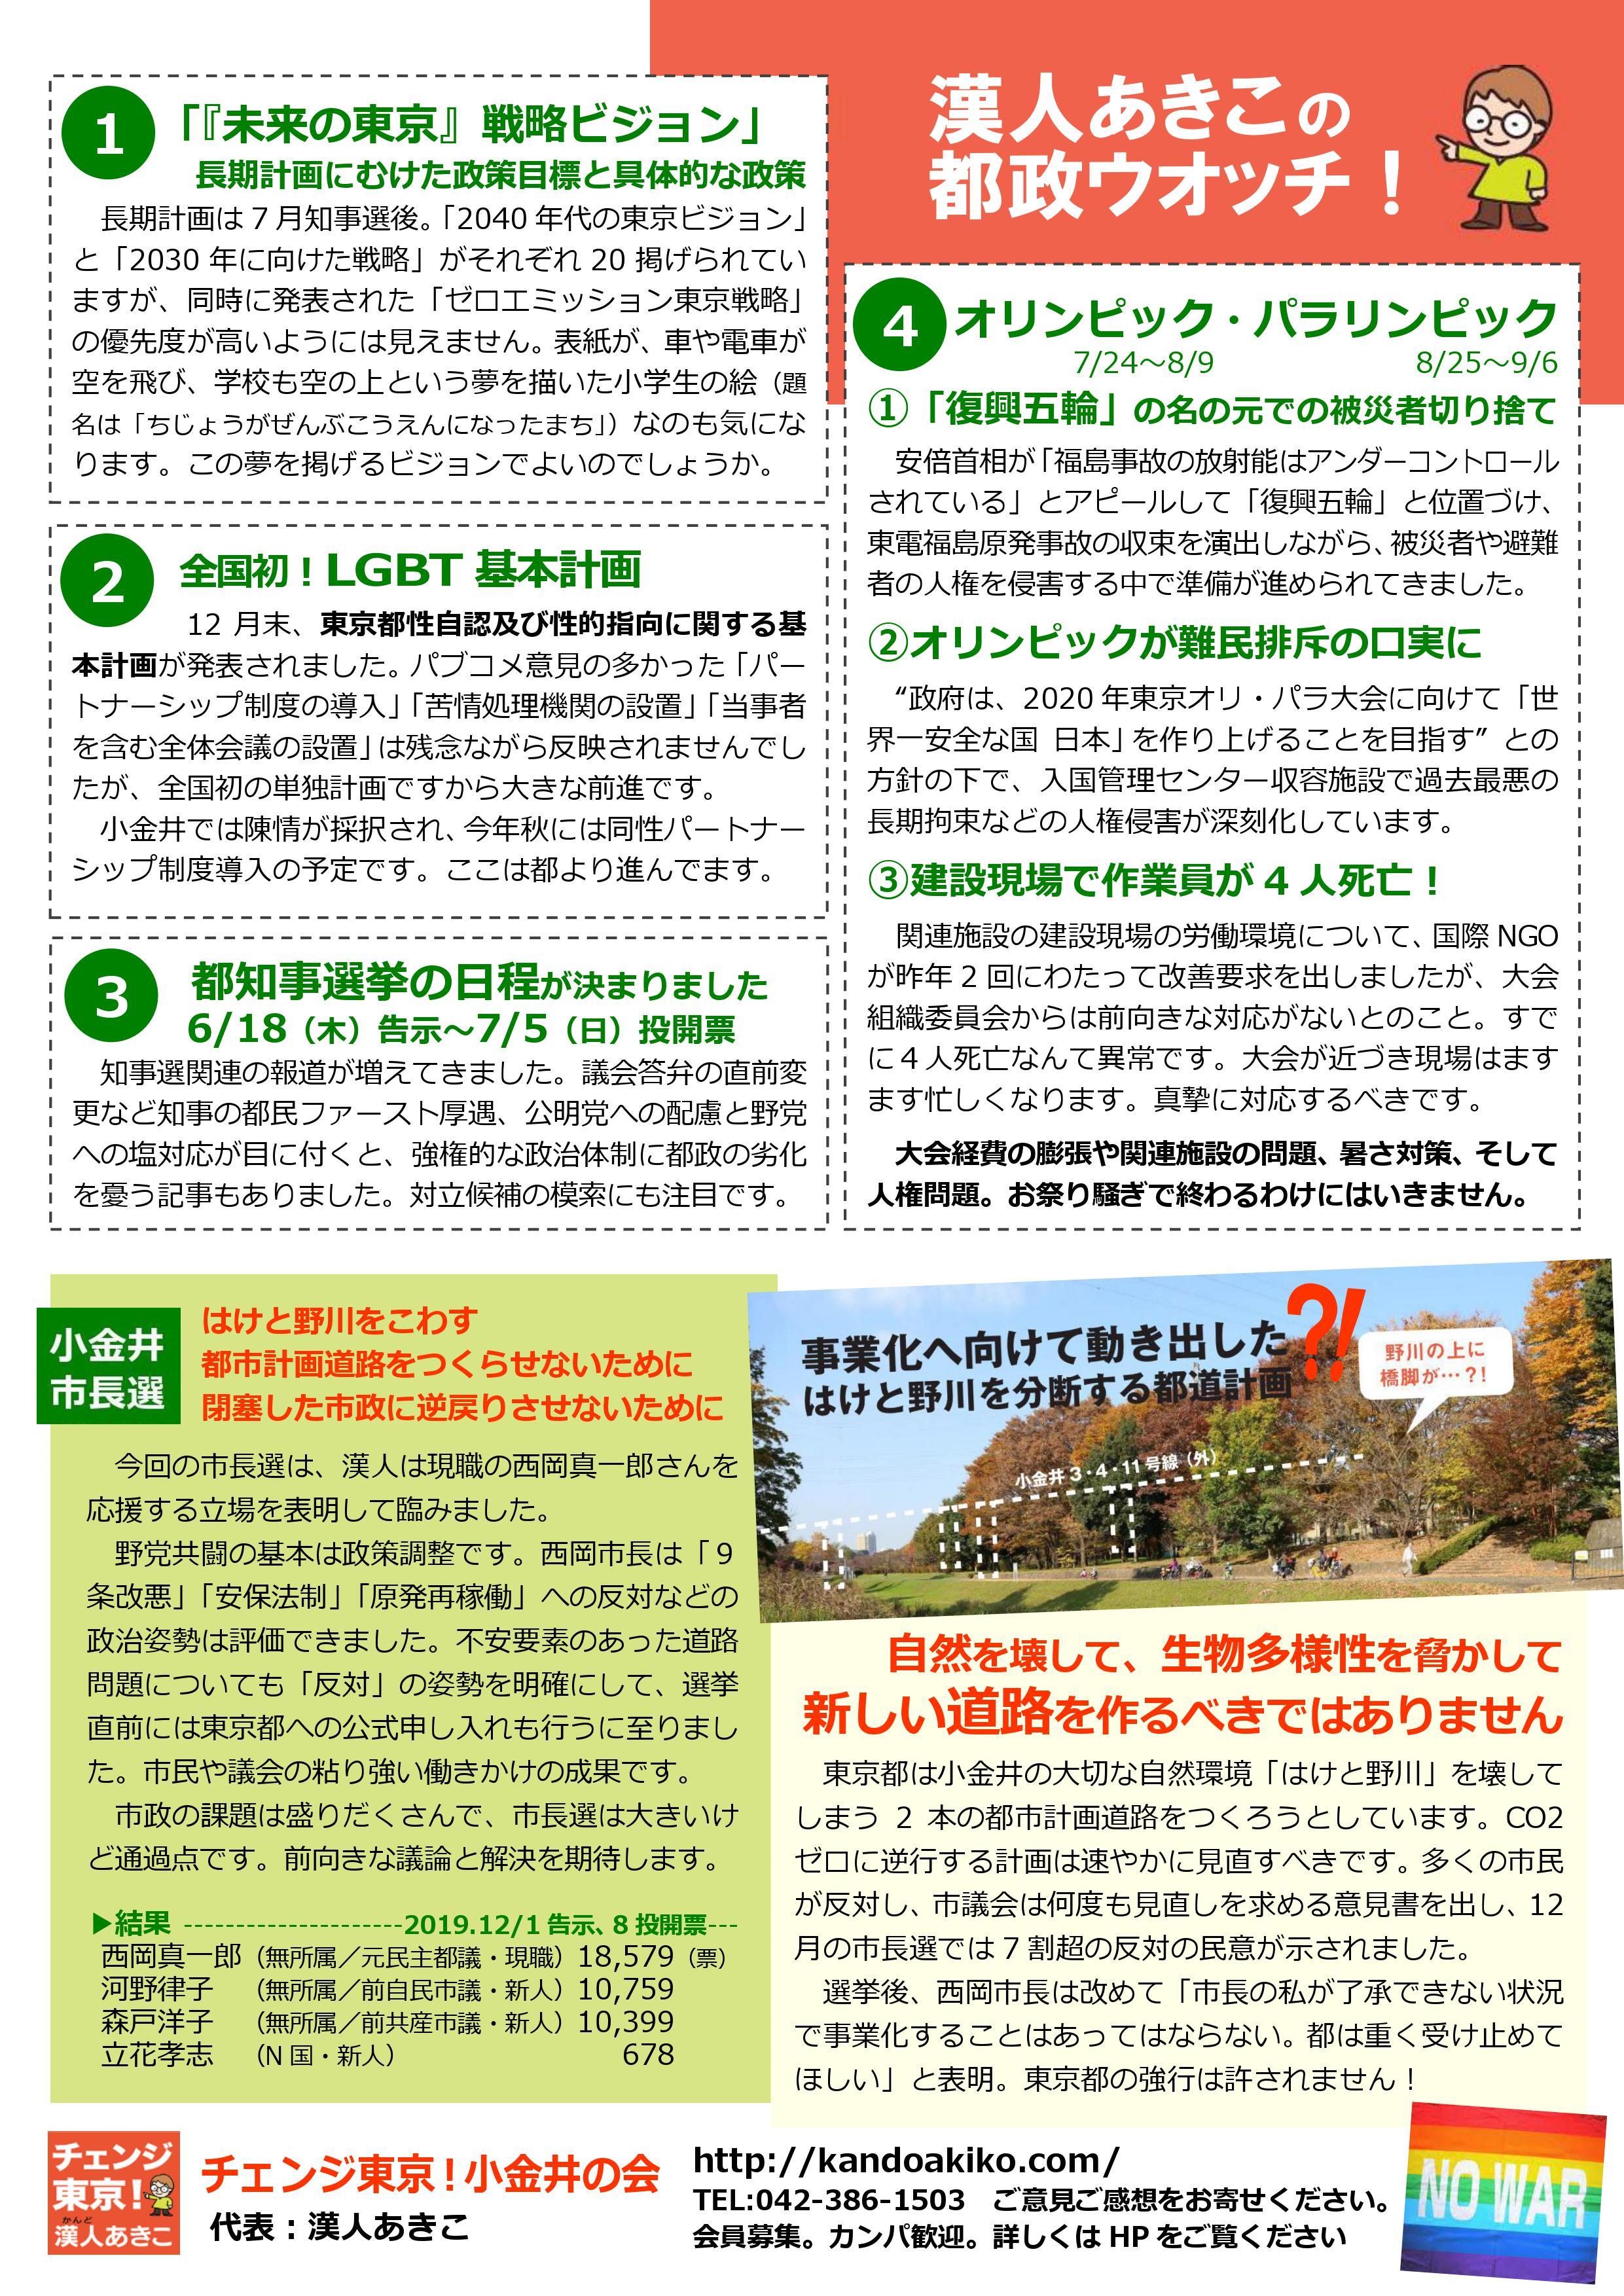 チェンジ東京!小金井の会ニュース 12号-裏